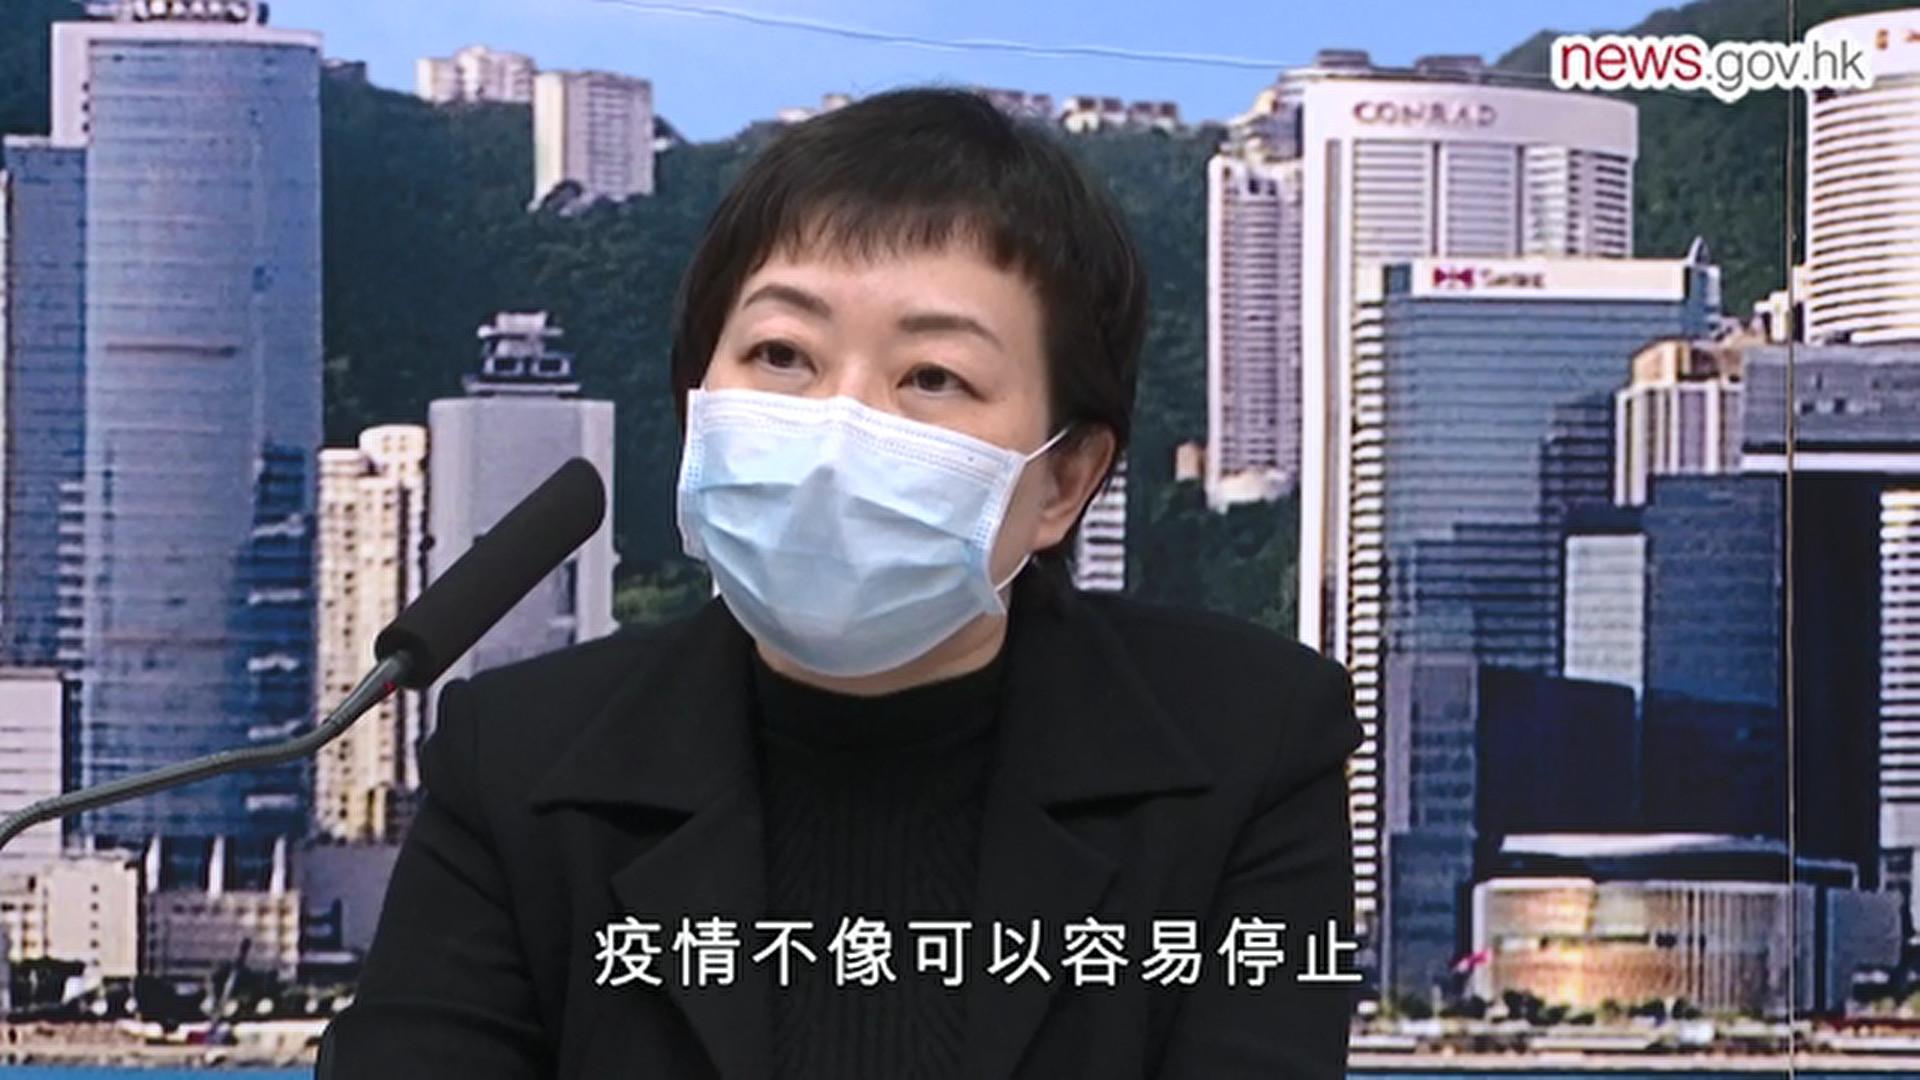 本港昨日新增5宗新型冠狀病毒(武漢肺炎)確診個案。衛生防護中心傳染病處主任張竹君表示,同意專家所講,疫情可能不易停止。(影片截圖)